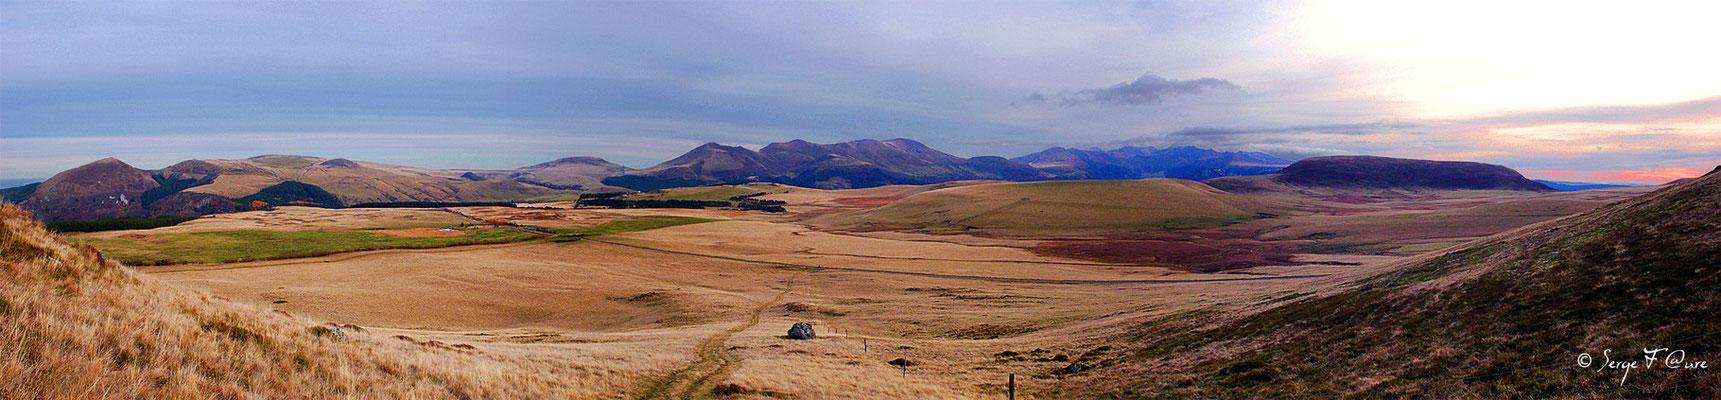 Le Massif du Sancy vu du Puy Loup - Massif du Sancy - Auvergne - France - Vue panoramique